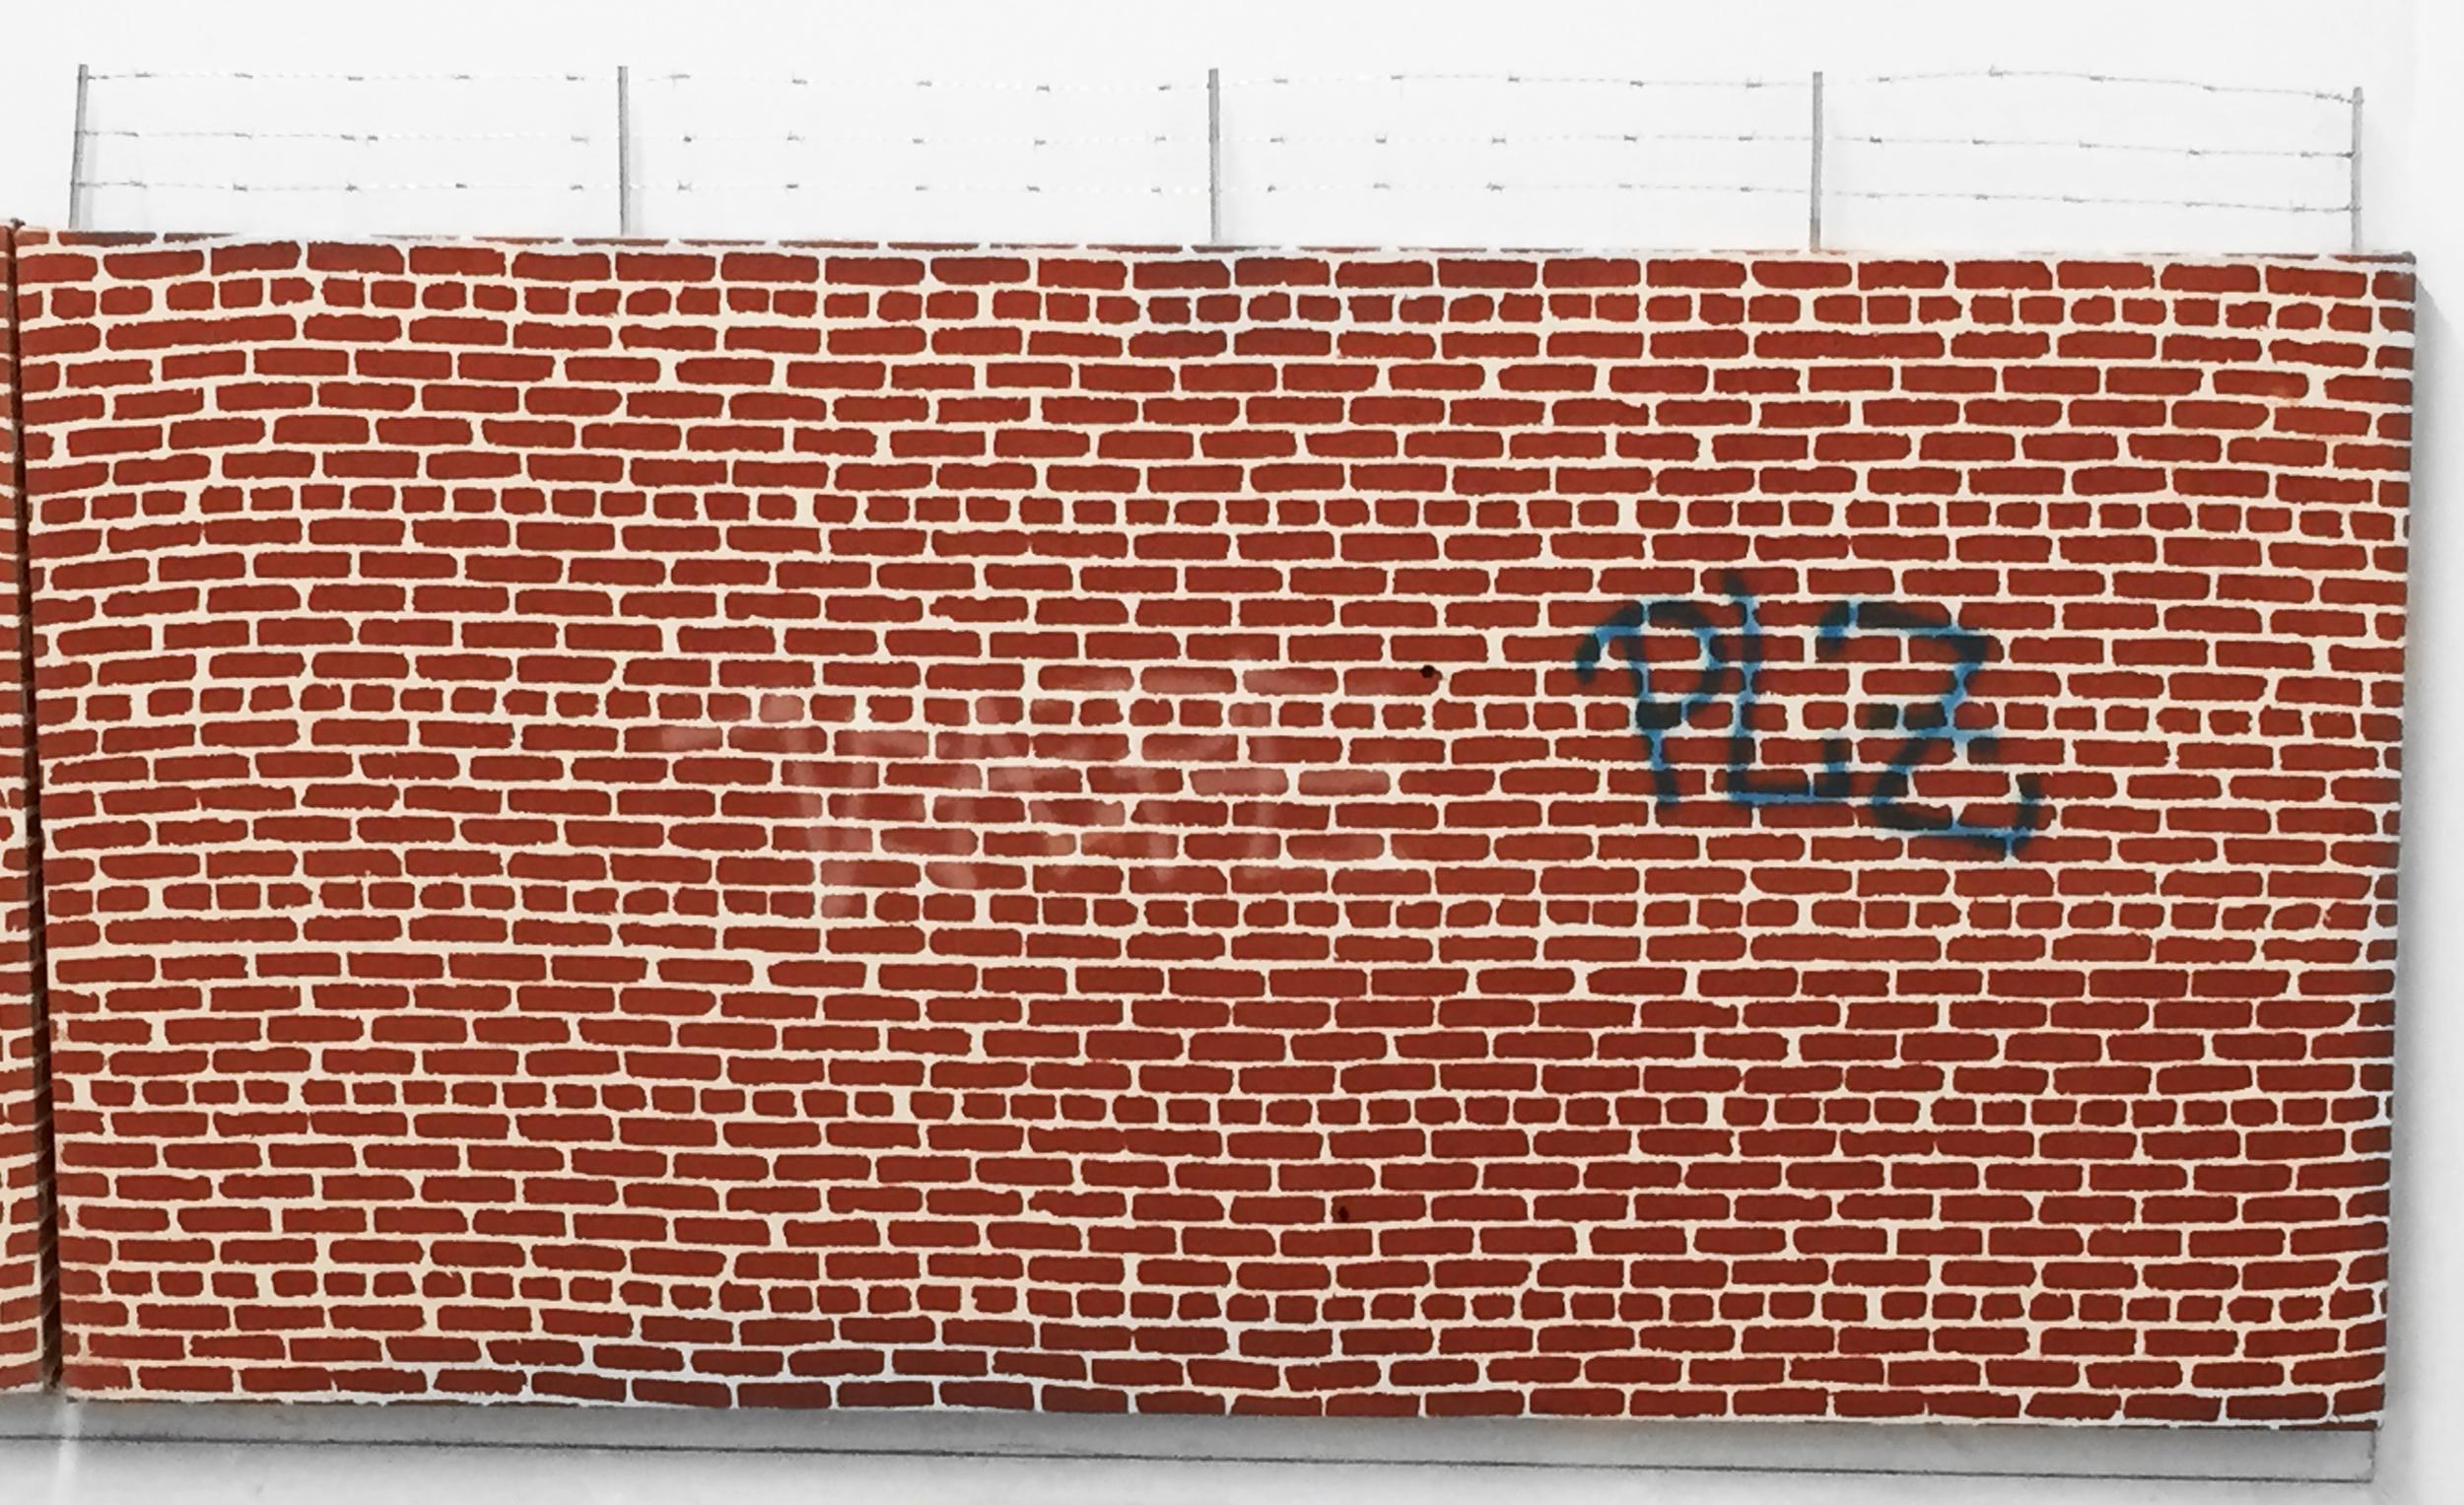 Pentti Monkkonen, Brick Wall (PLZ) , 2014,acrylic, aluminum, steel on canvas,26 x 44 in